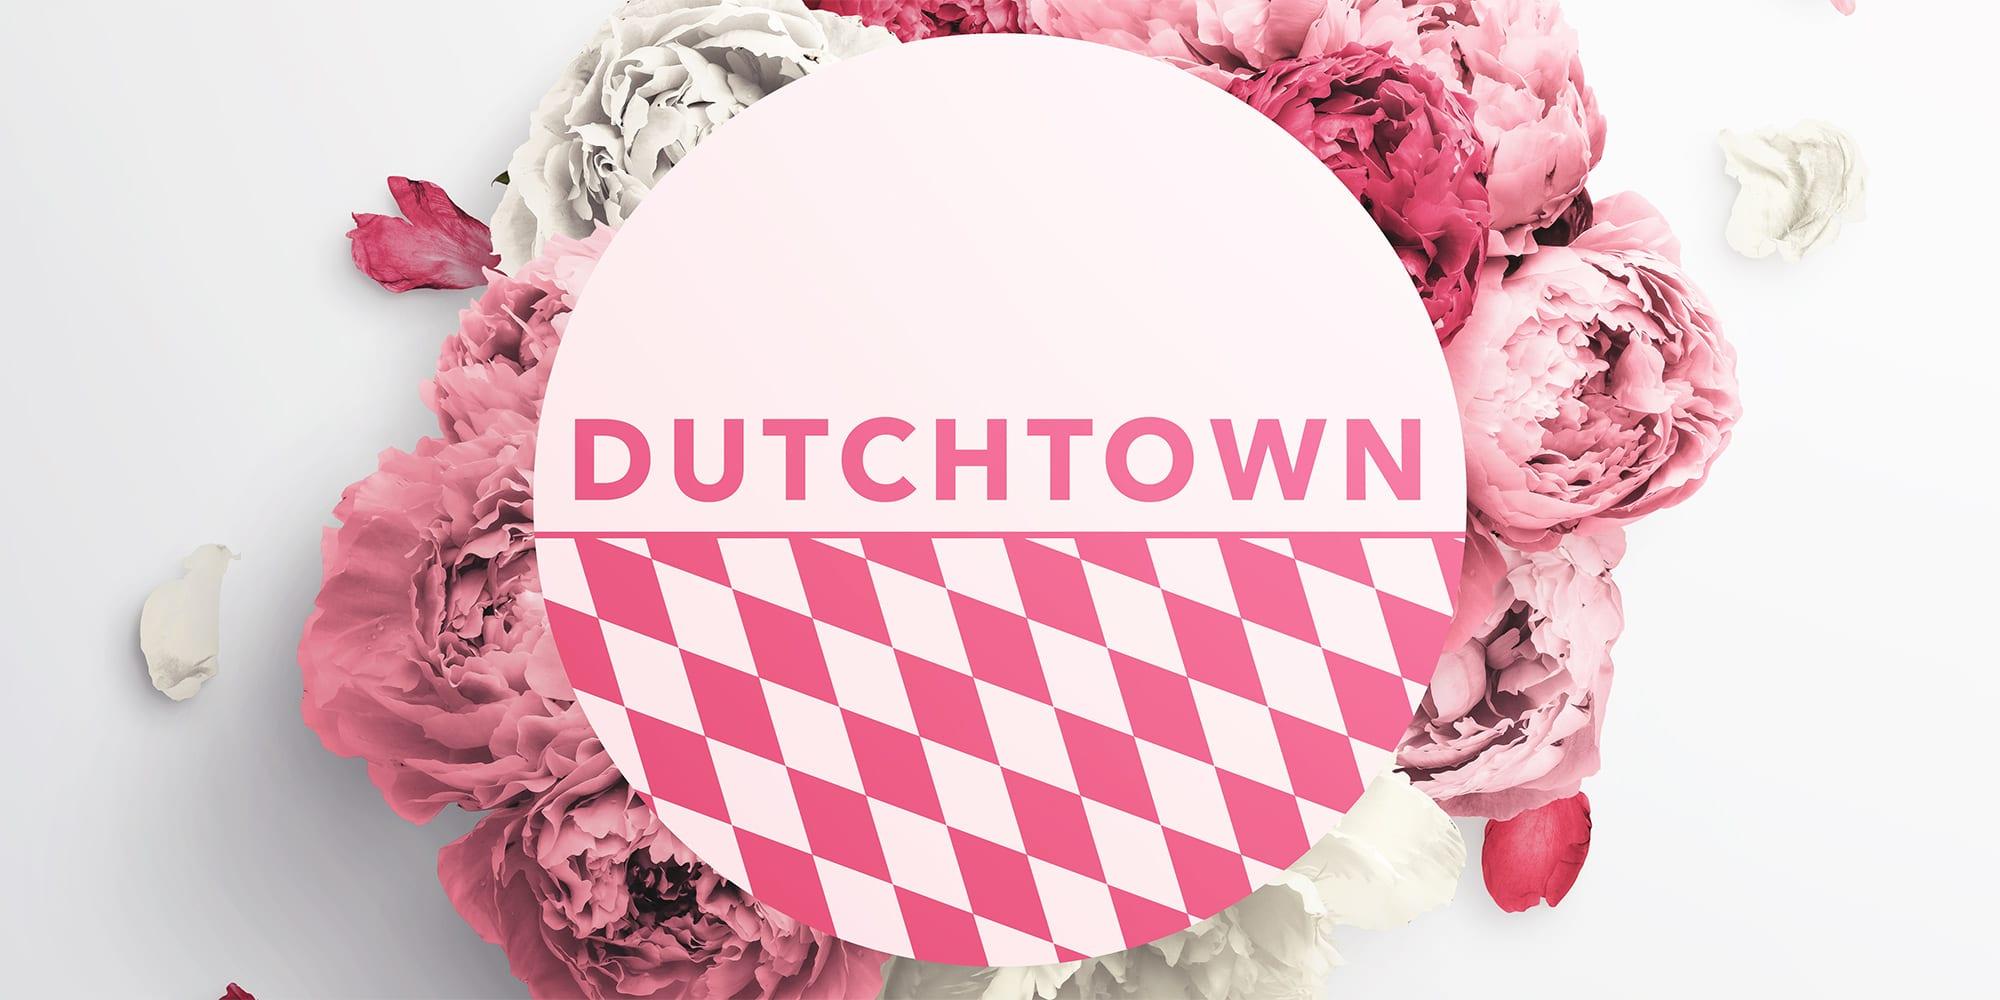 Dutchtown Valentine